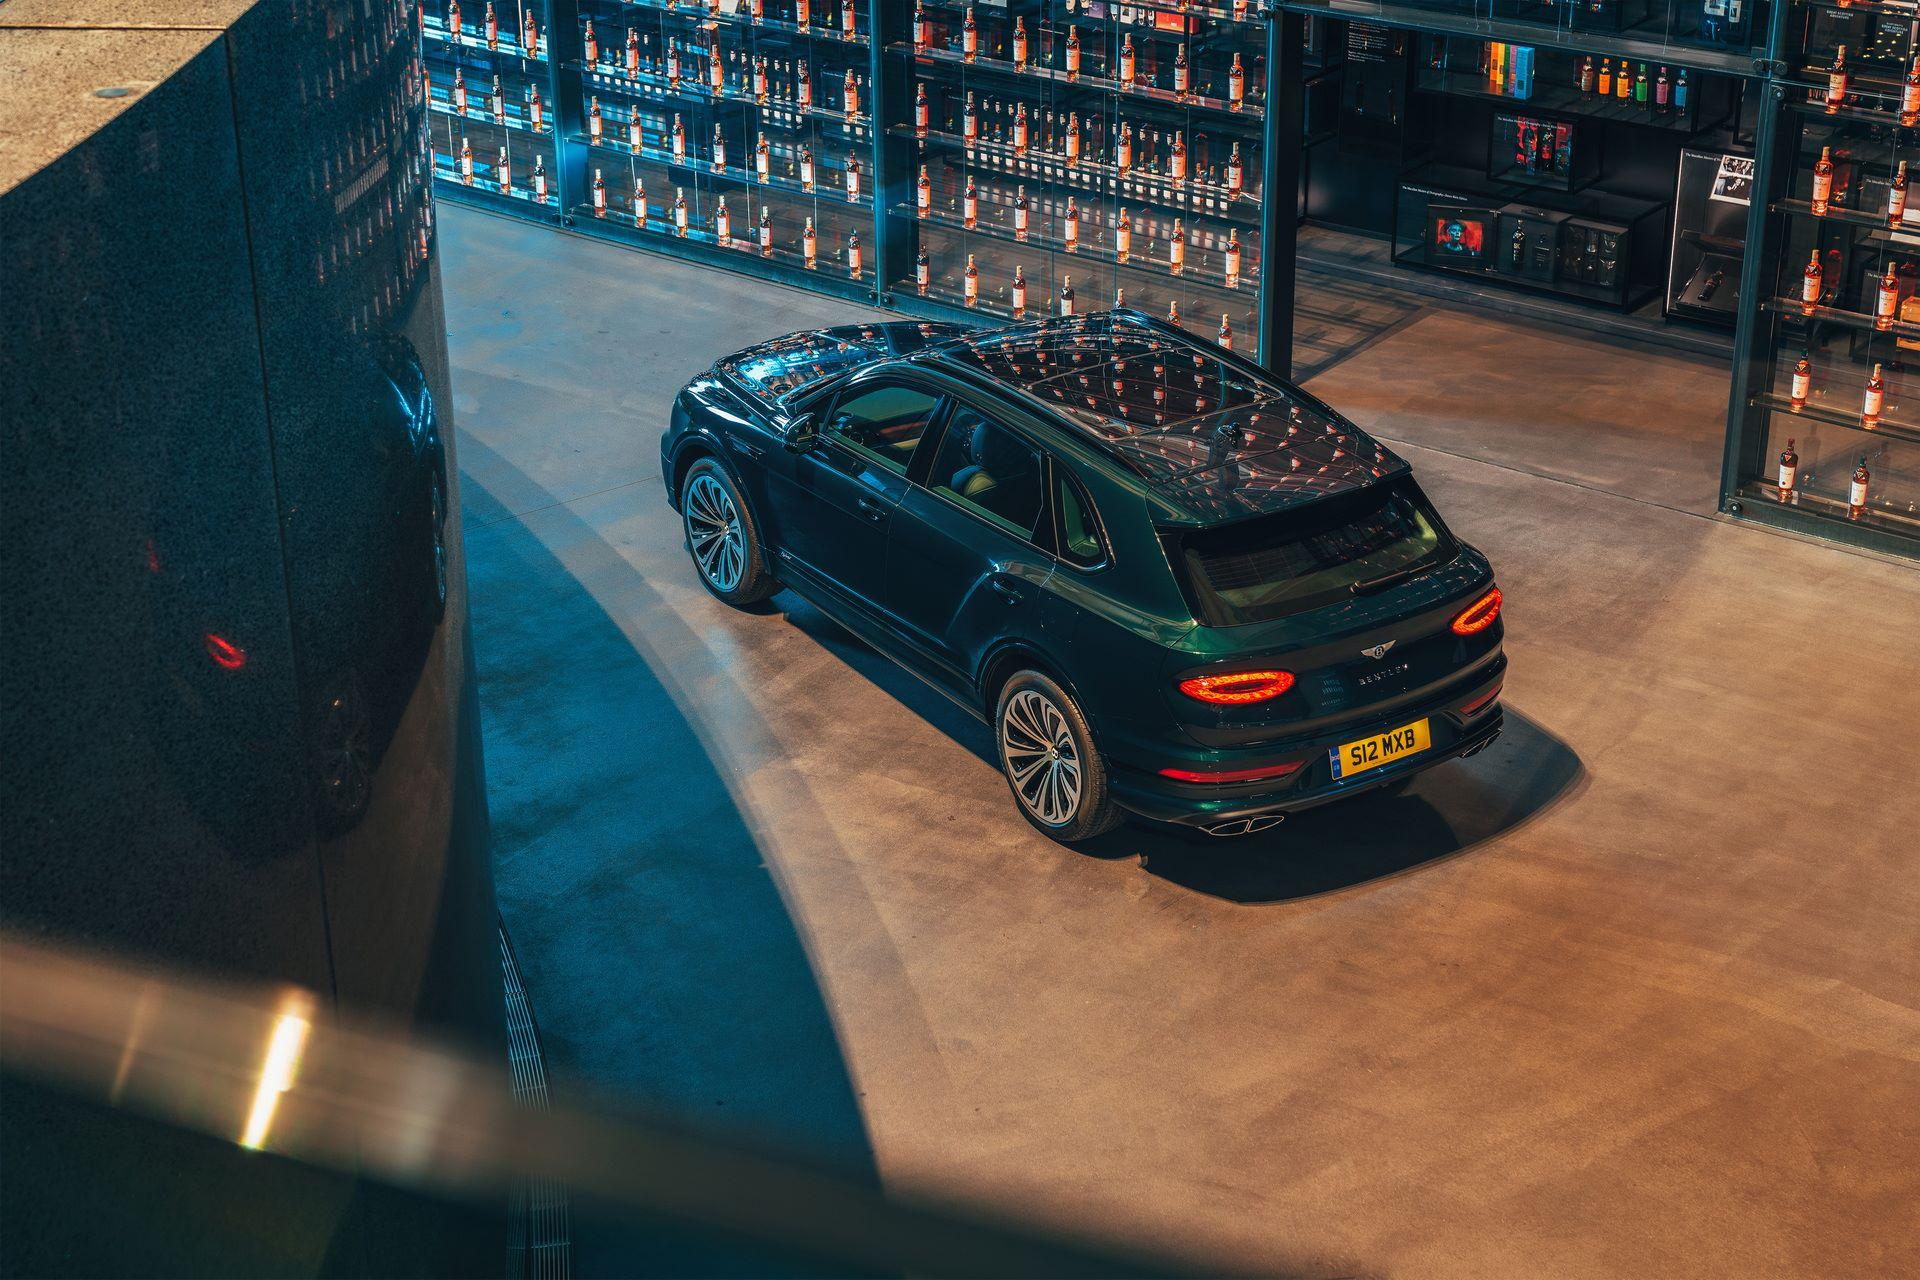 Bentley-Bentayga-Hybrid-for-The-Macallan-Estate-2